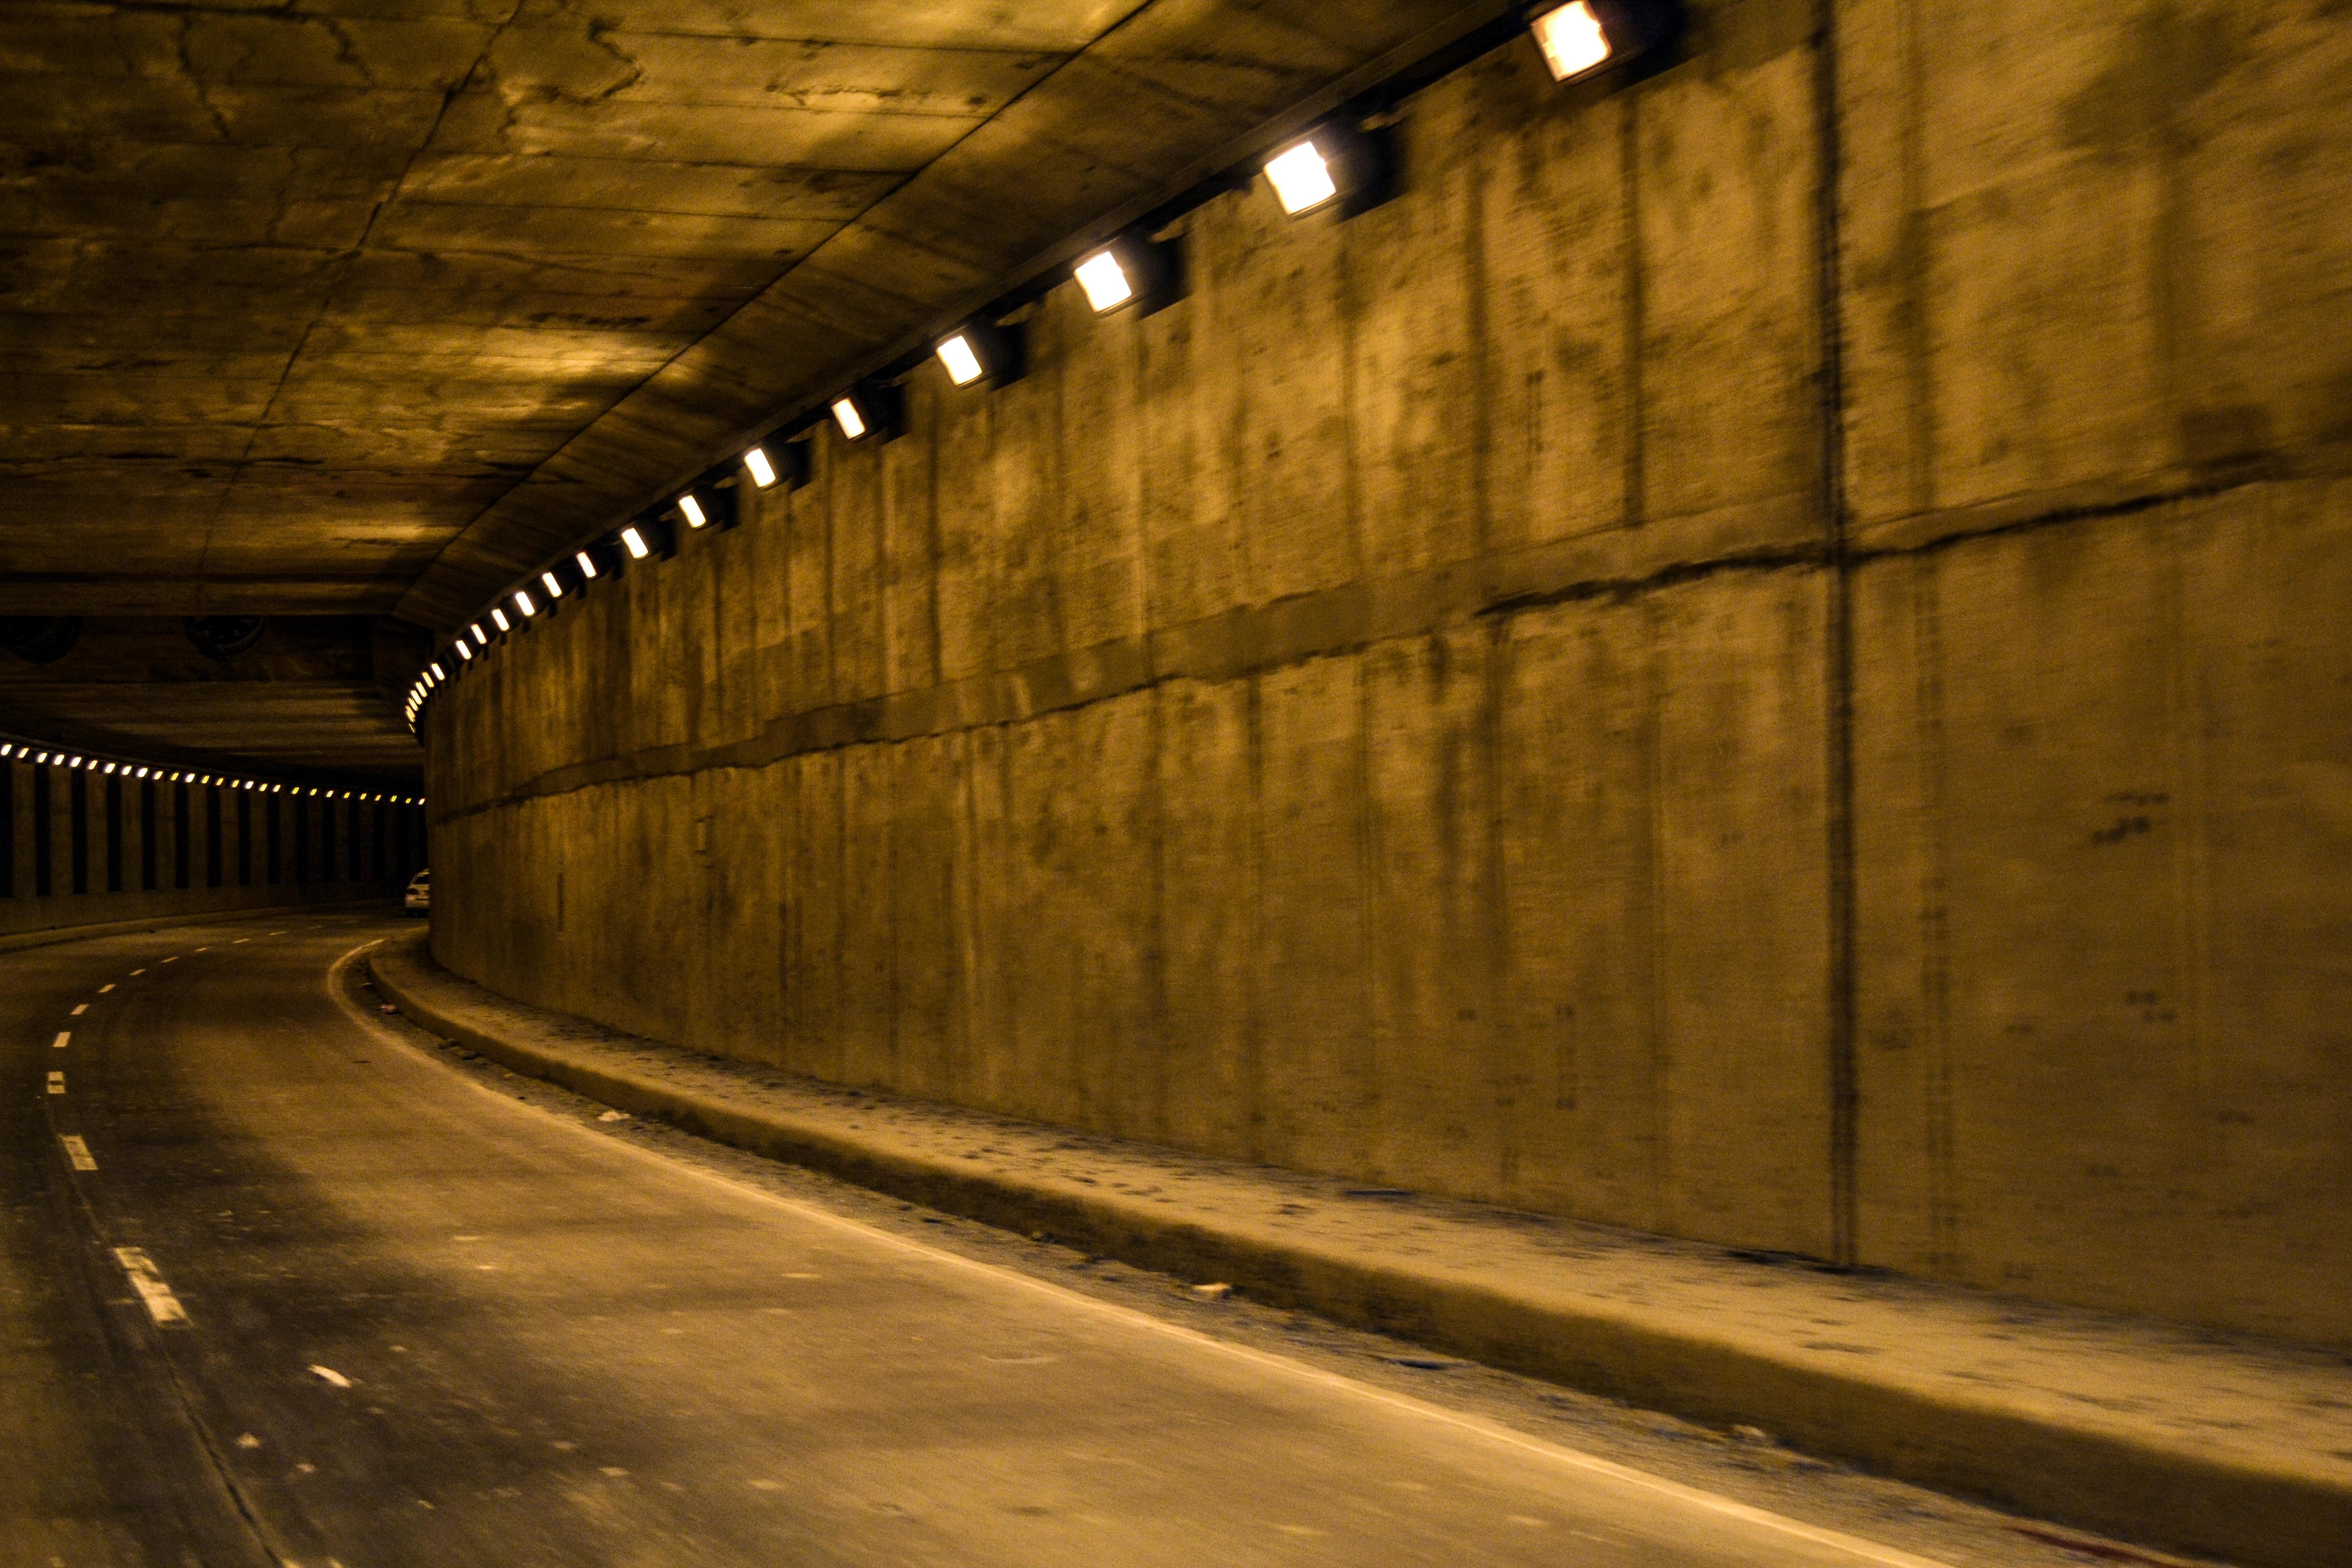 Chael's PhotoBlog | Cebu Subway